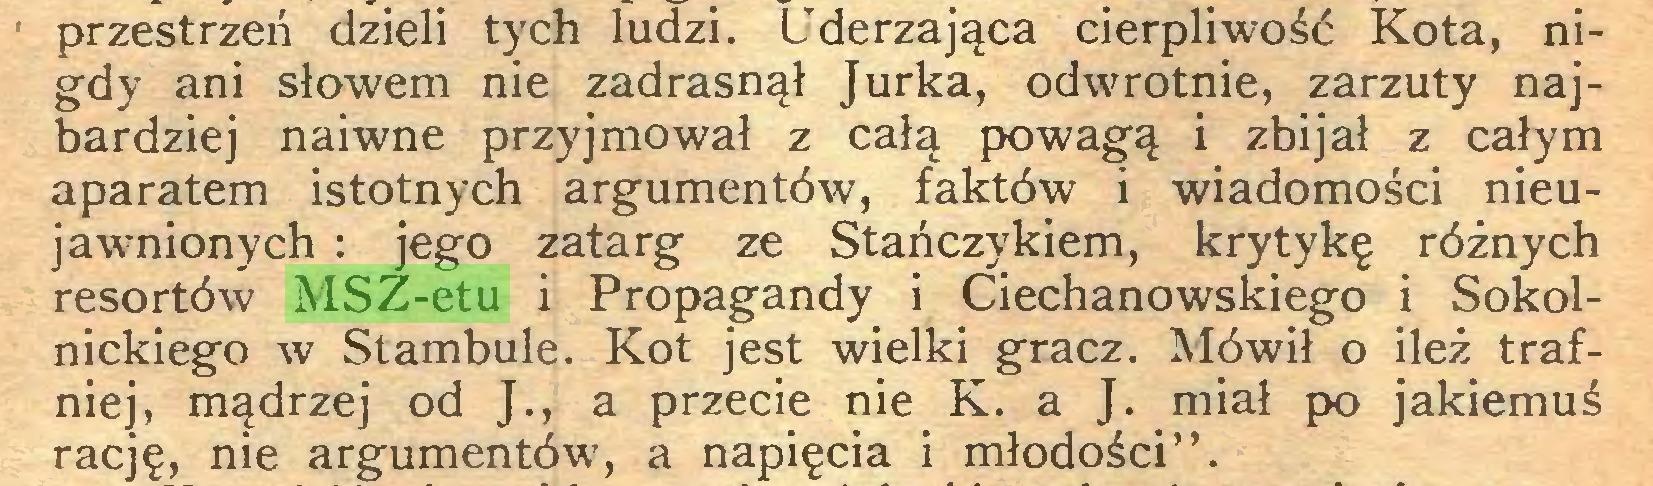 """(...) przestrzeń dzieli tych ludzi. Uderzająca cierpliwość Kota, nigdy ani słowem nie zadrasnął Jurka, odwrotnie, zarzuty najbardziej naiwne przyjmował z całą powagą i zbijał z całym aparatem istotnych argumentów, faktów i wiadomości nieujawnionych : jego zatarg ze Stańczykiem, krytykę różnych resortów MSZ-etu i Propagandy i Ciechanowskiego i Sokolnickiego w Stambule. Kot jest wielki gracz. Mówił o ileż trafniej, mądrzej od J., a przecie nie K. a J. miał po jakiemuś rację, nie argumentów', a napięcia i młodości""""..."""